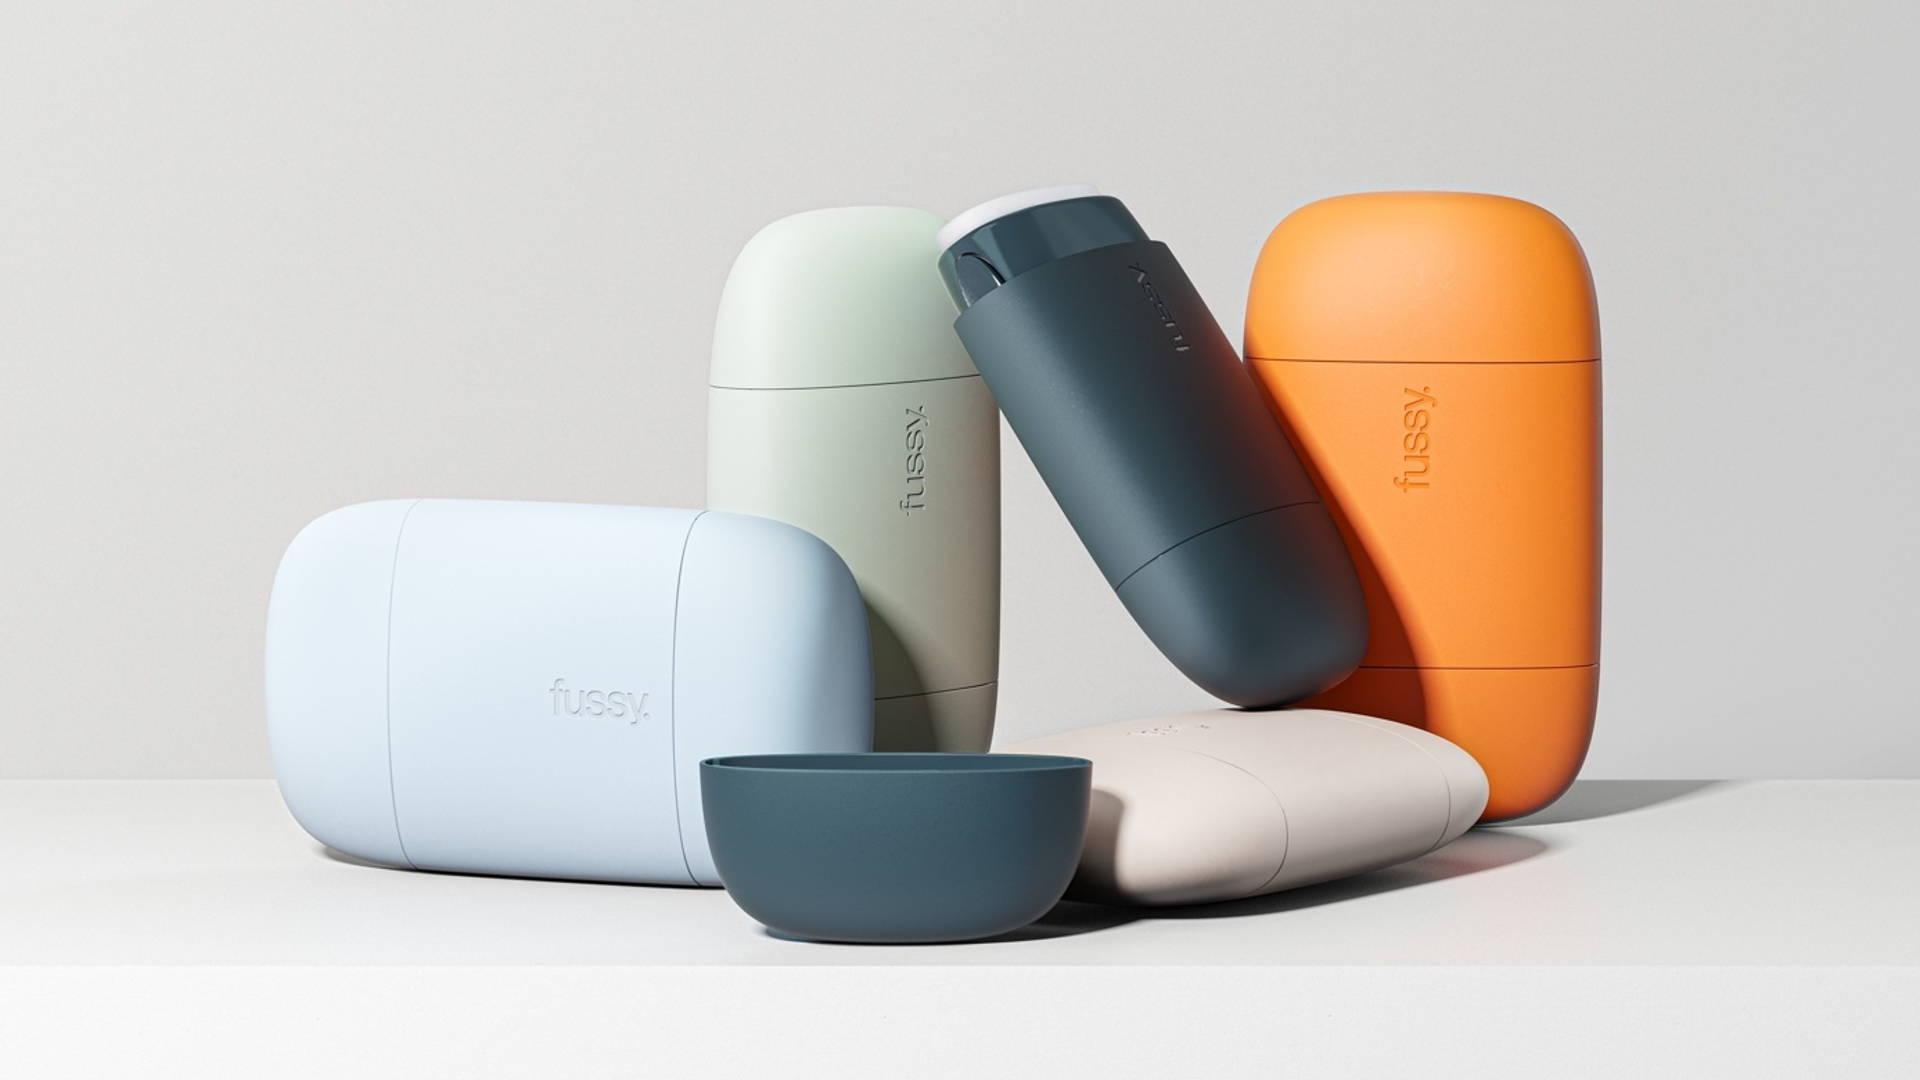 北京包装设计分享| FUSSY除臭剂包装设计创意